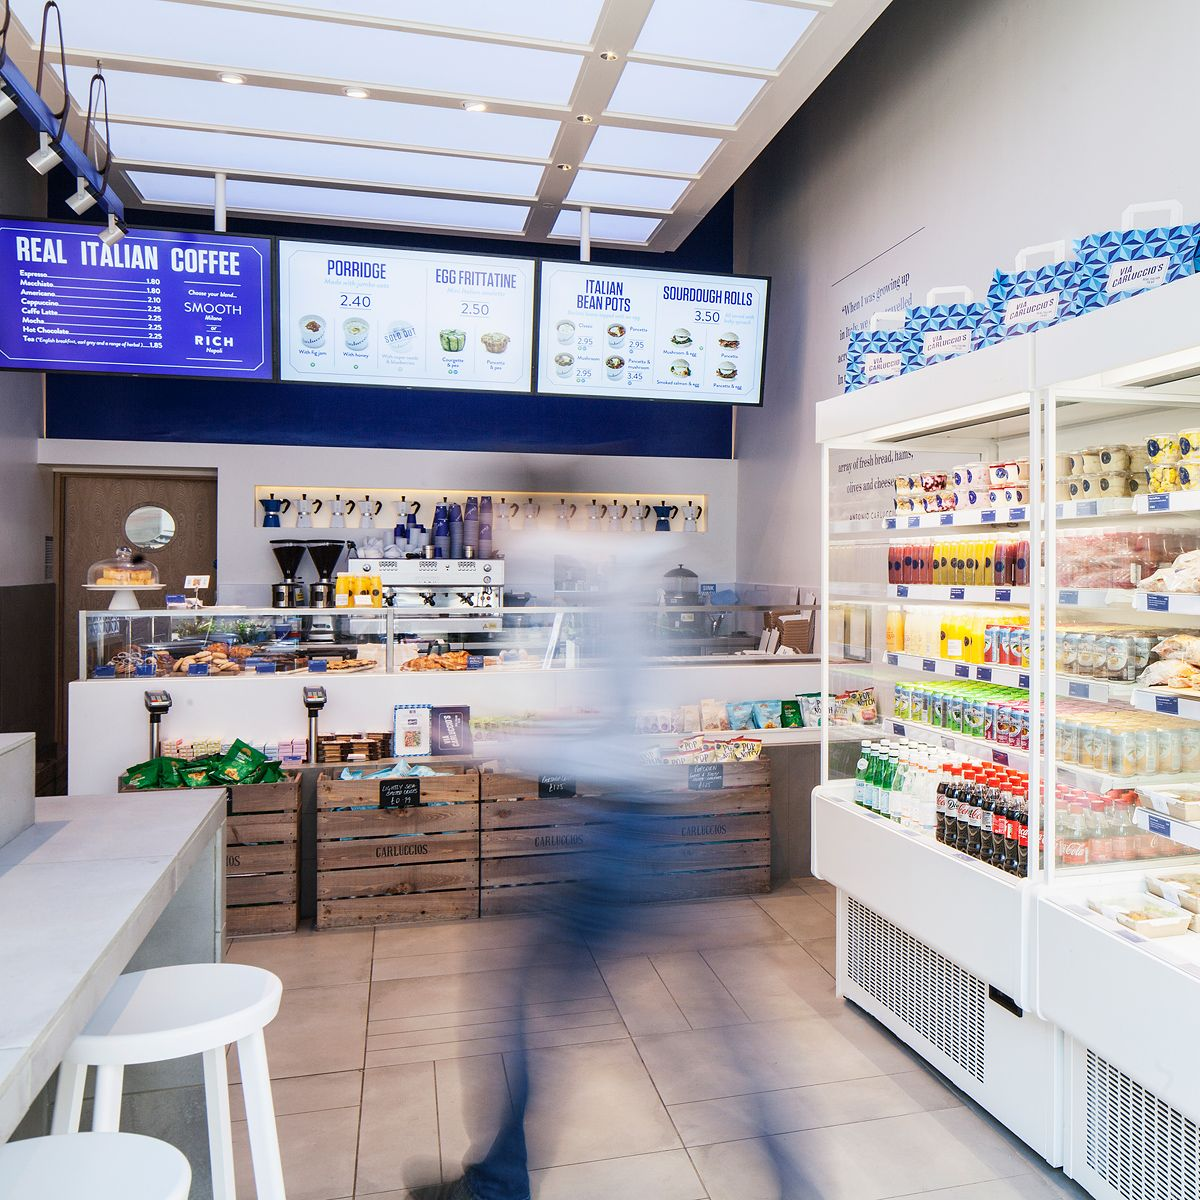 Designlsm Designs Via Carluccio S Tottenham Court Road Carluccio S Retail Design Design